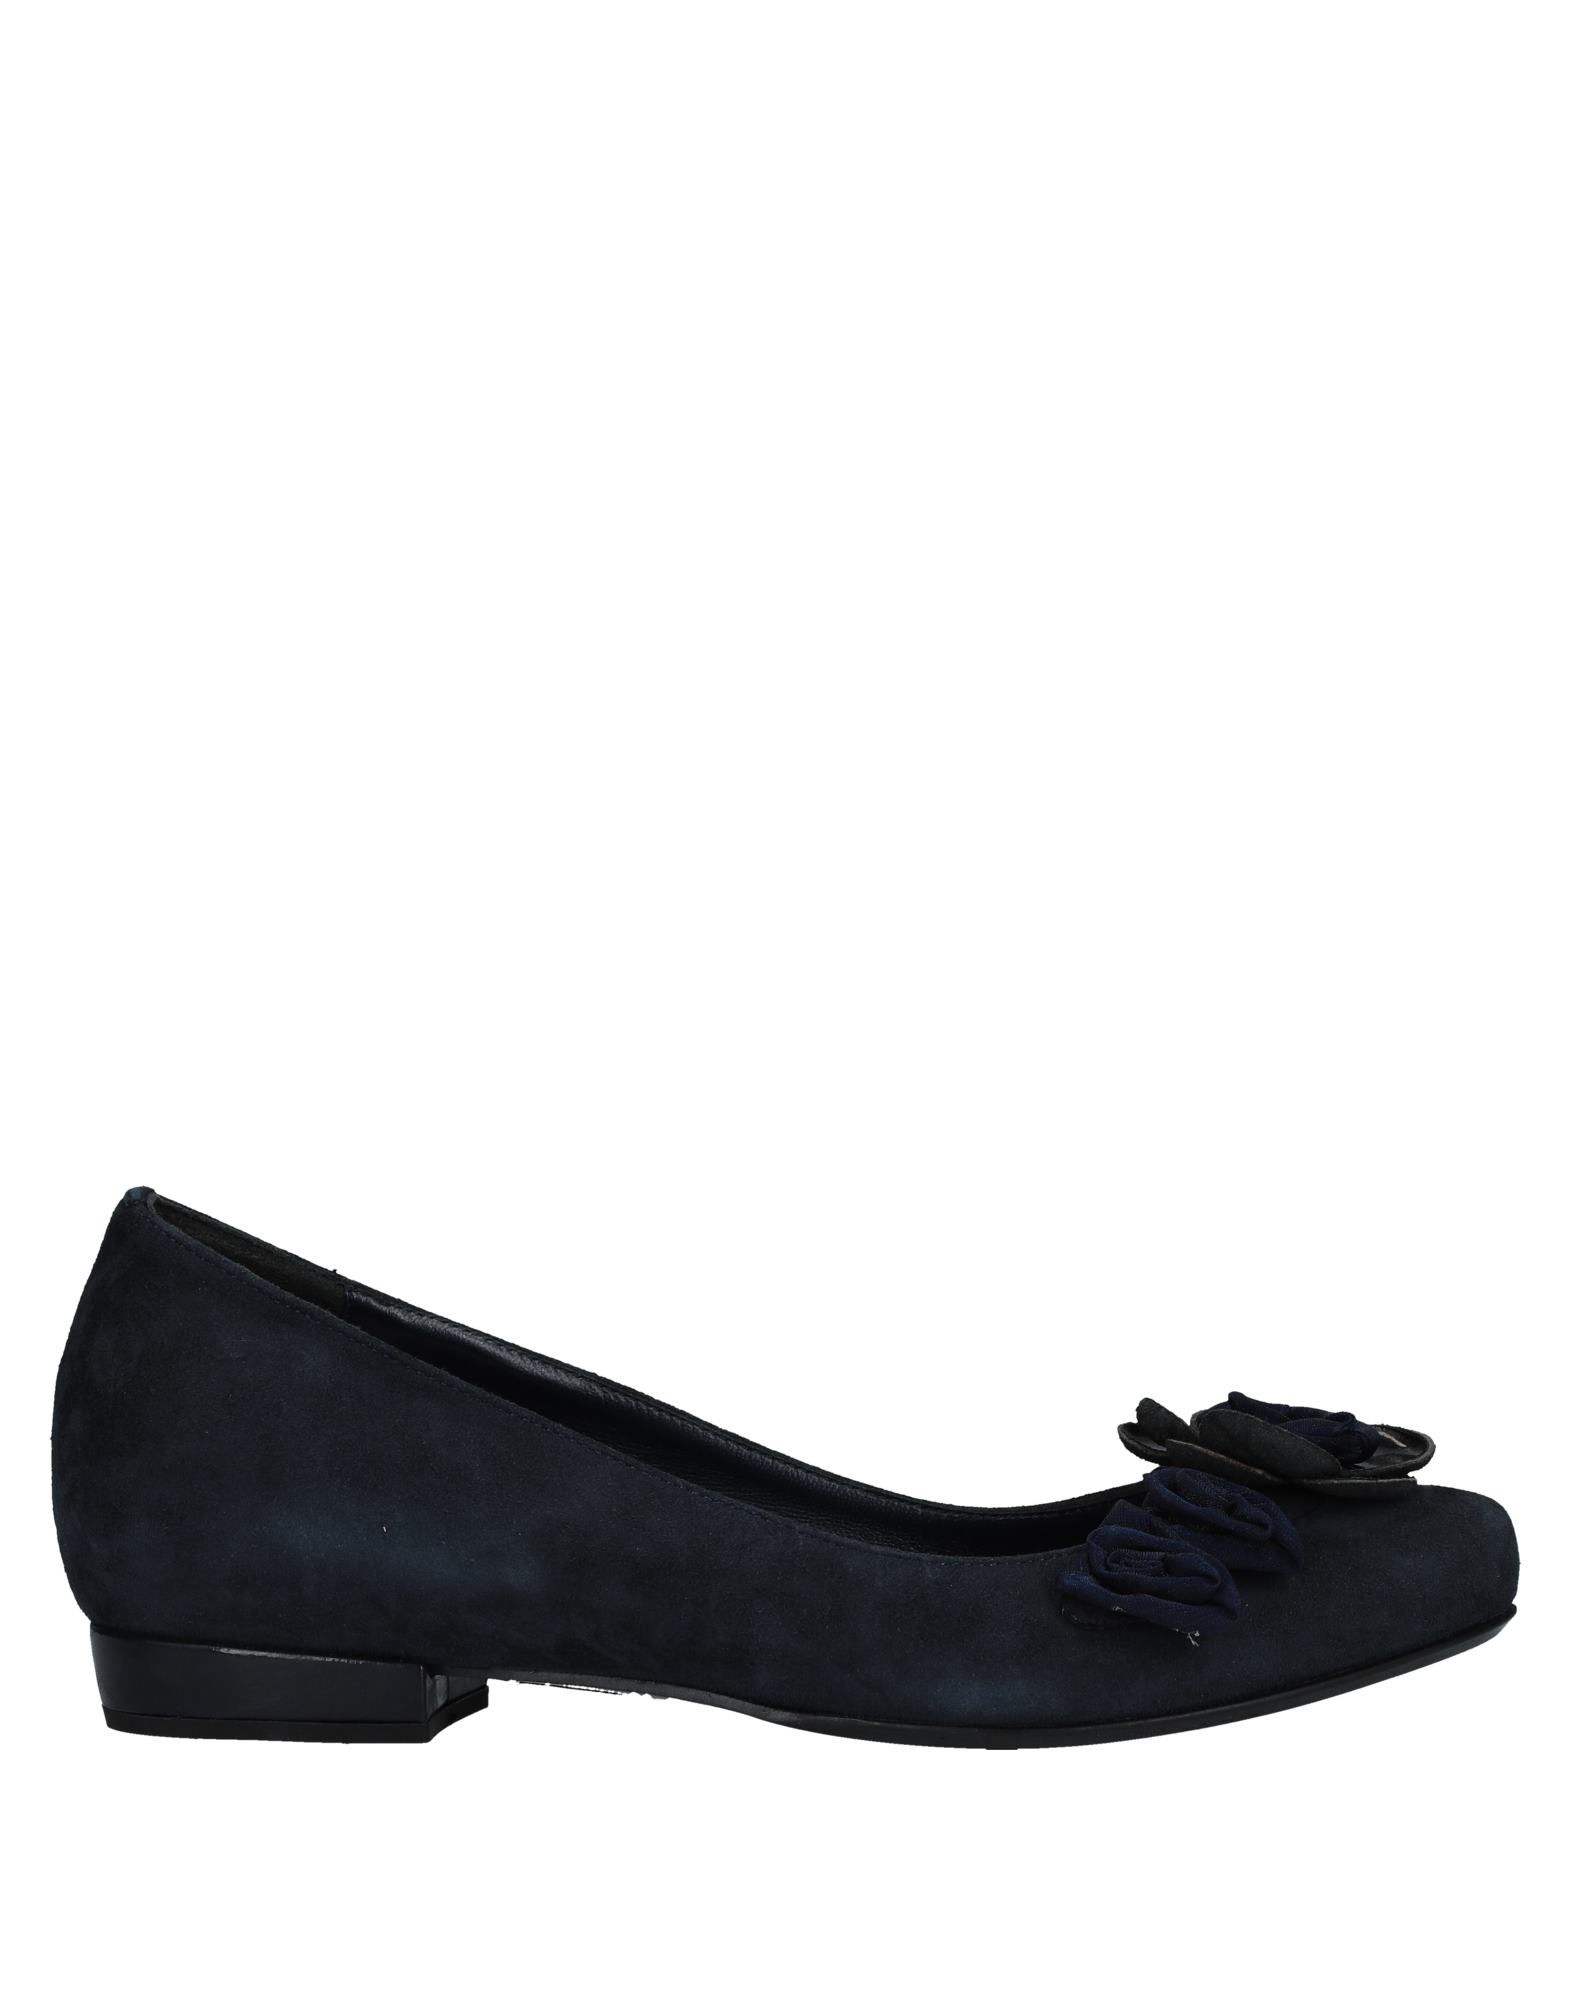 Giancarlo Paoli Ballerinas Damen  11527582IH Gute Qualität beliebte Schuhe